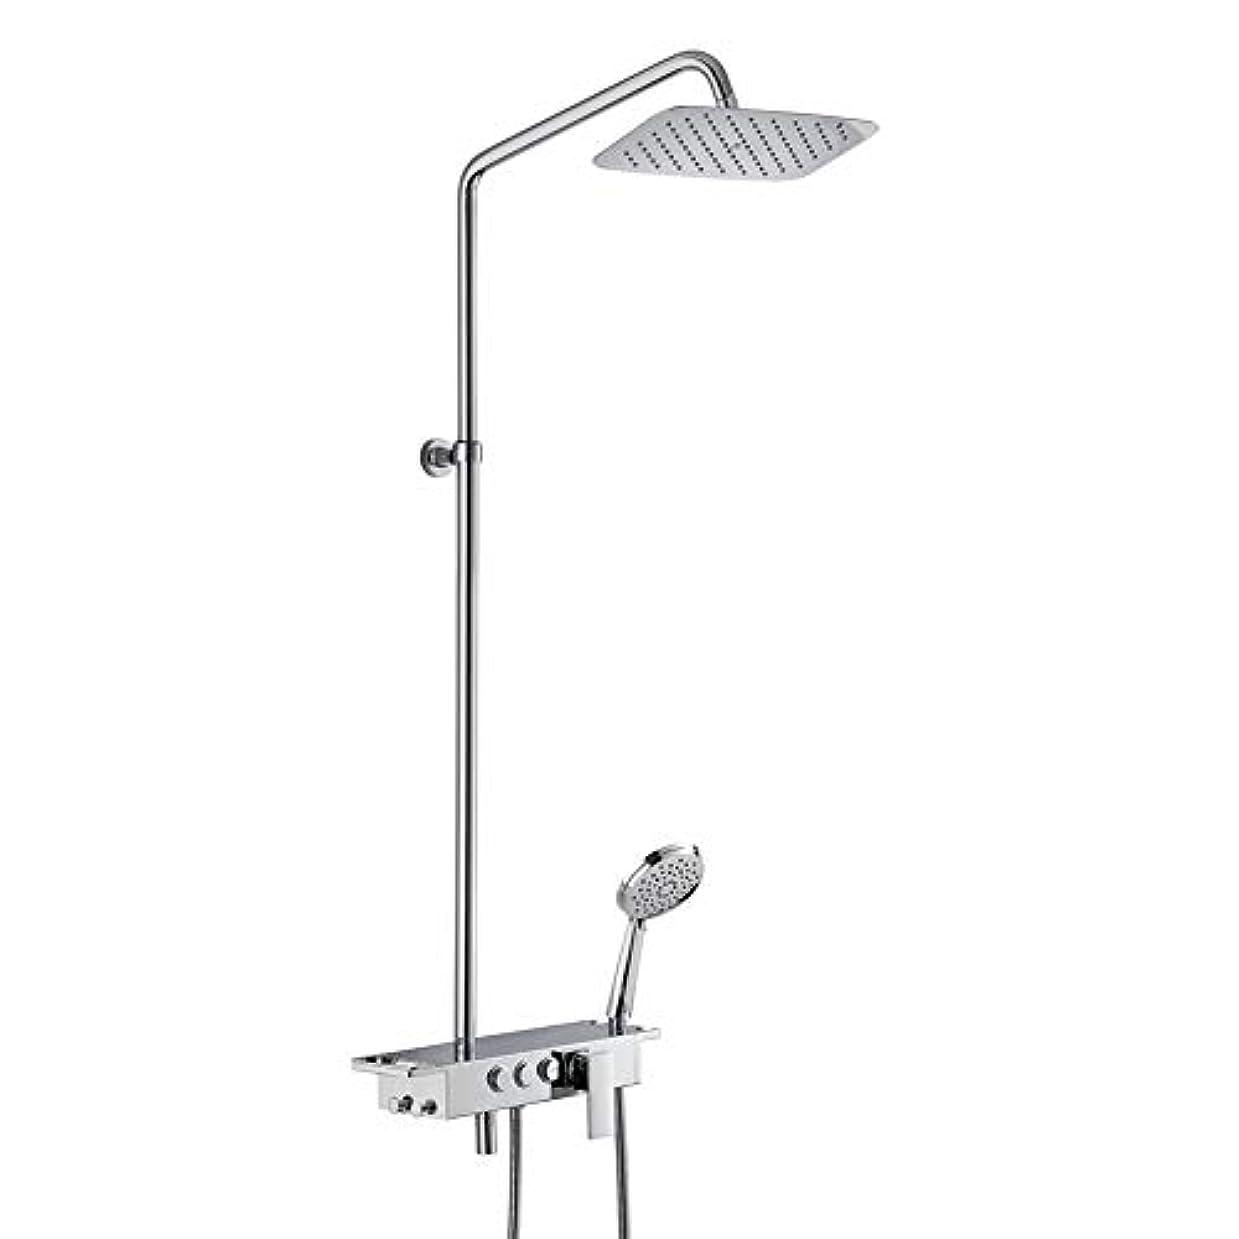 今晩飲料明確なシャワーシステム、レインフォールシャワーセット3機能レインフォールシャワーセットシャワーヘッドと手持ちショー全ての銅の壁に取り付けられた超薄型トップスプレーの温水シャワー